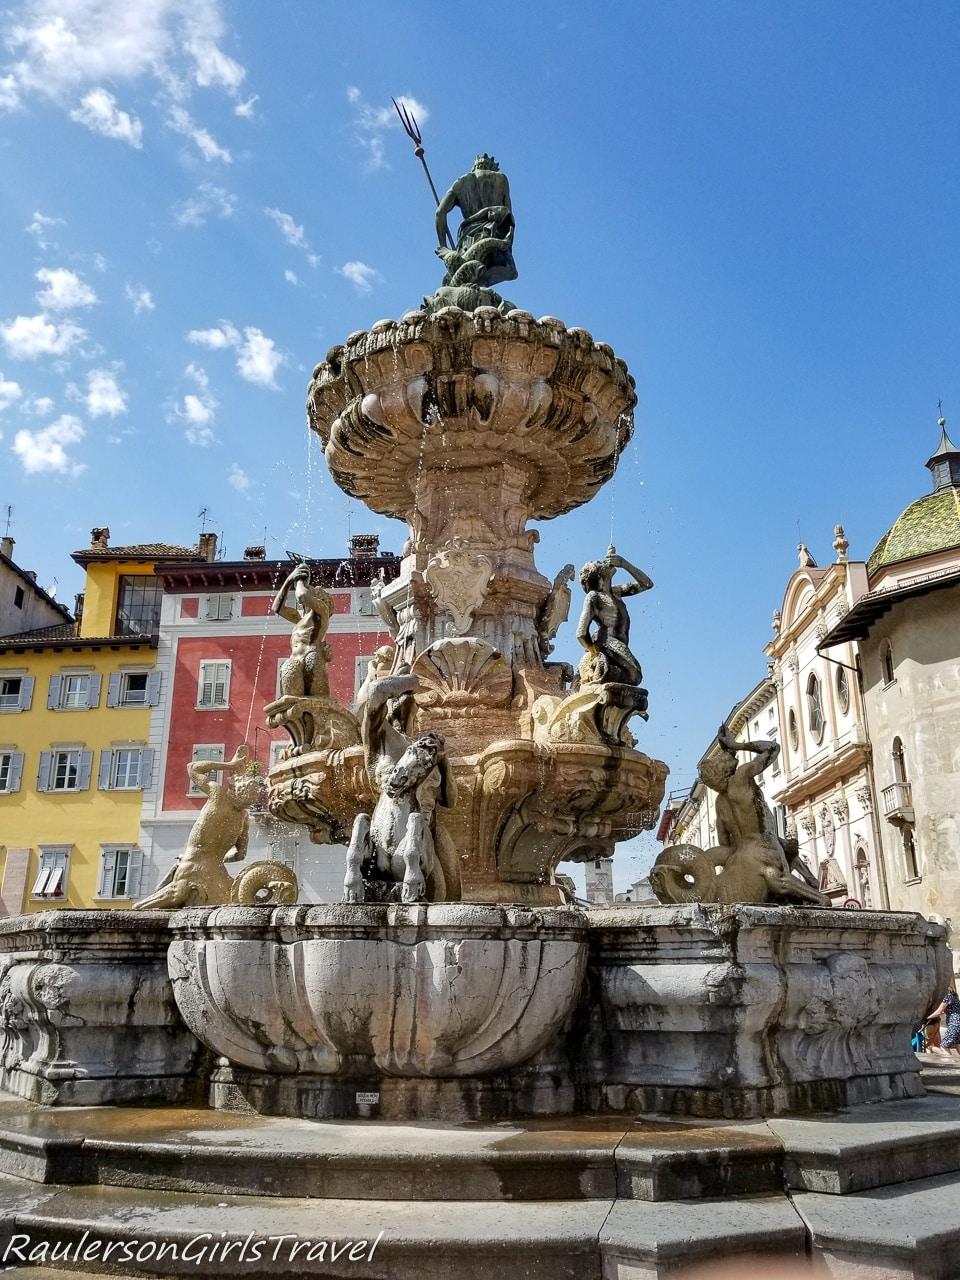 Neptune Fountain in the Piazza del Duomo